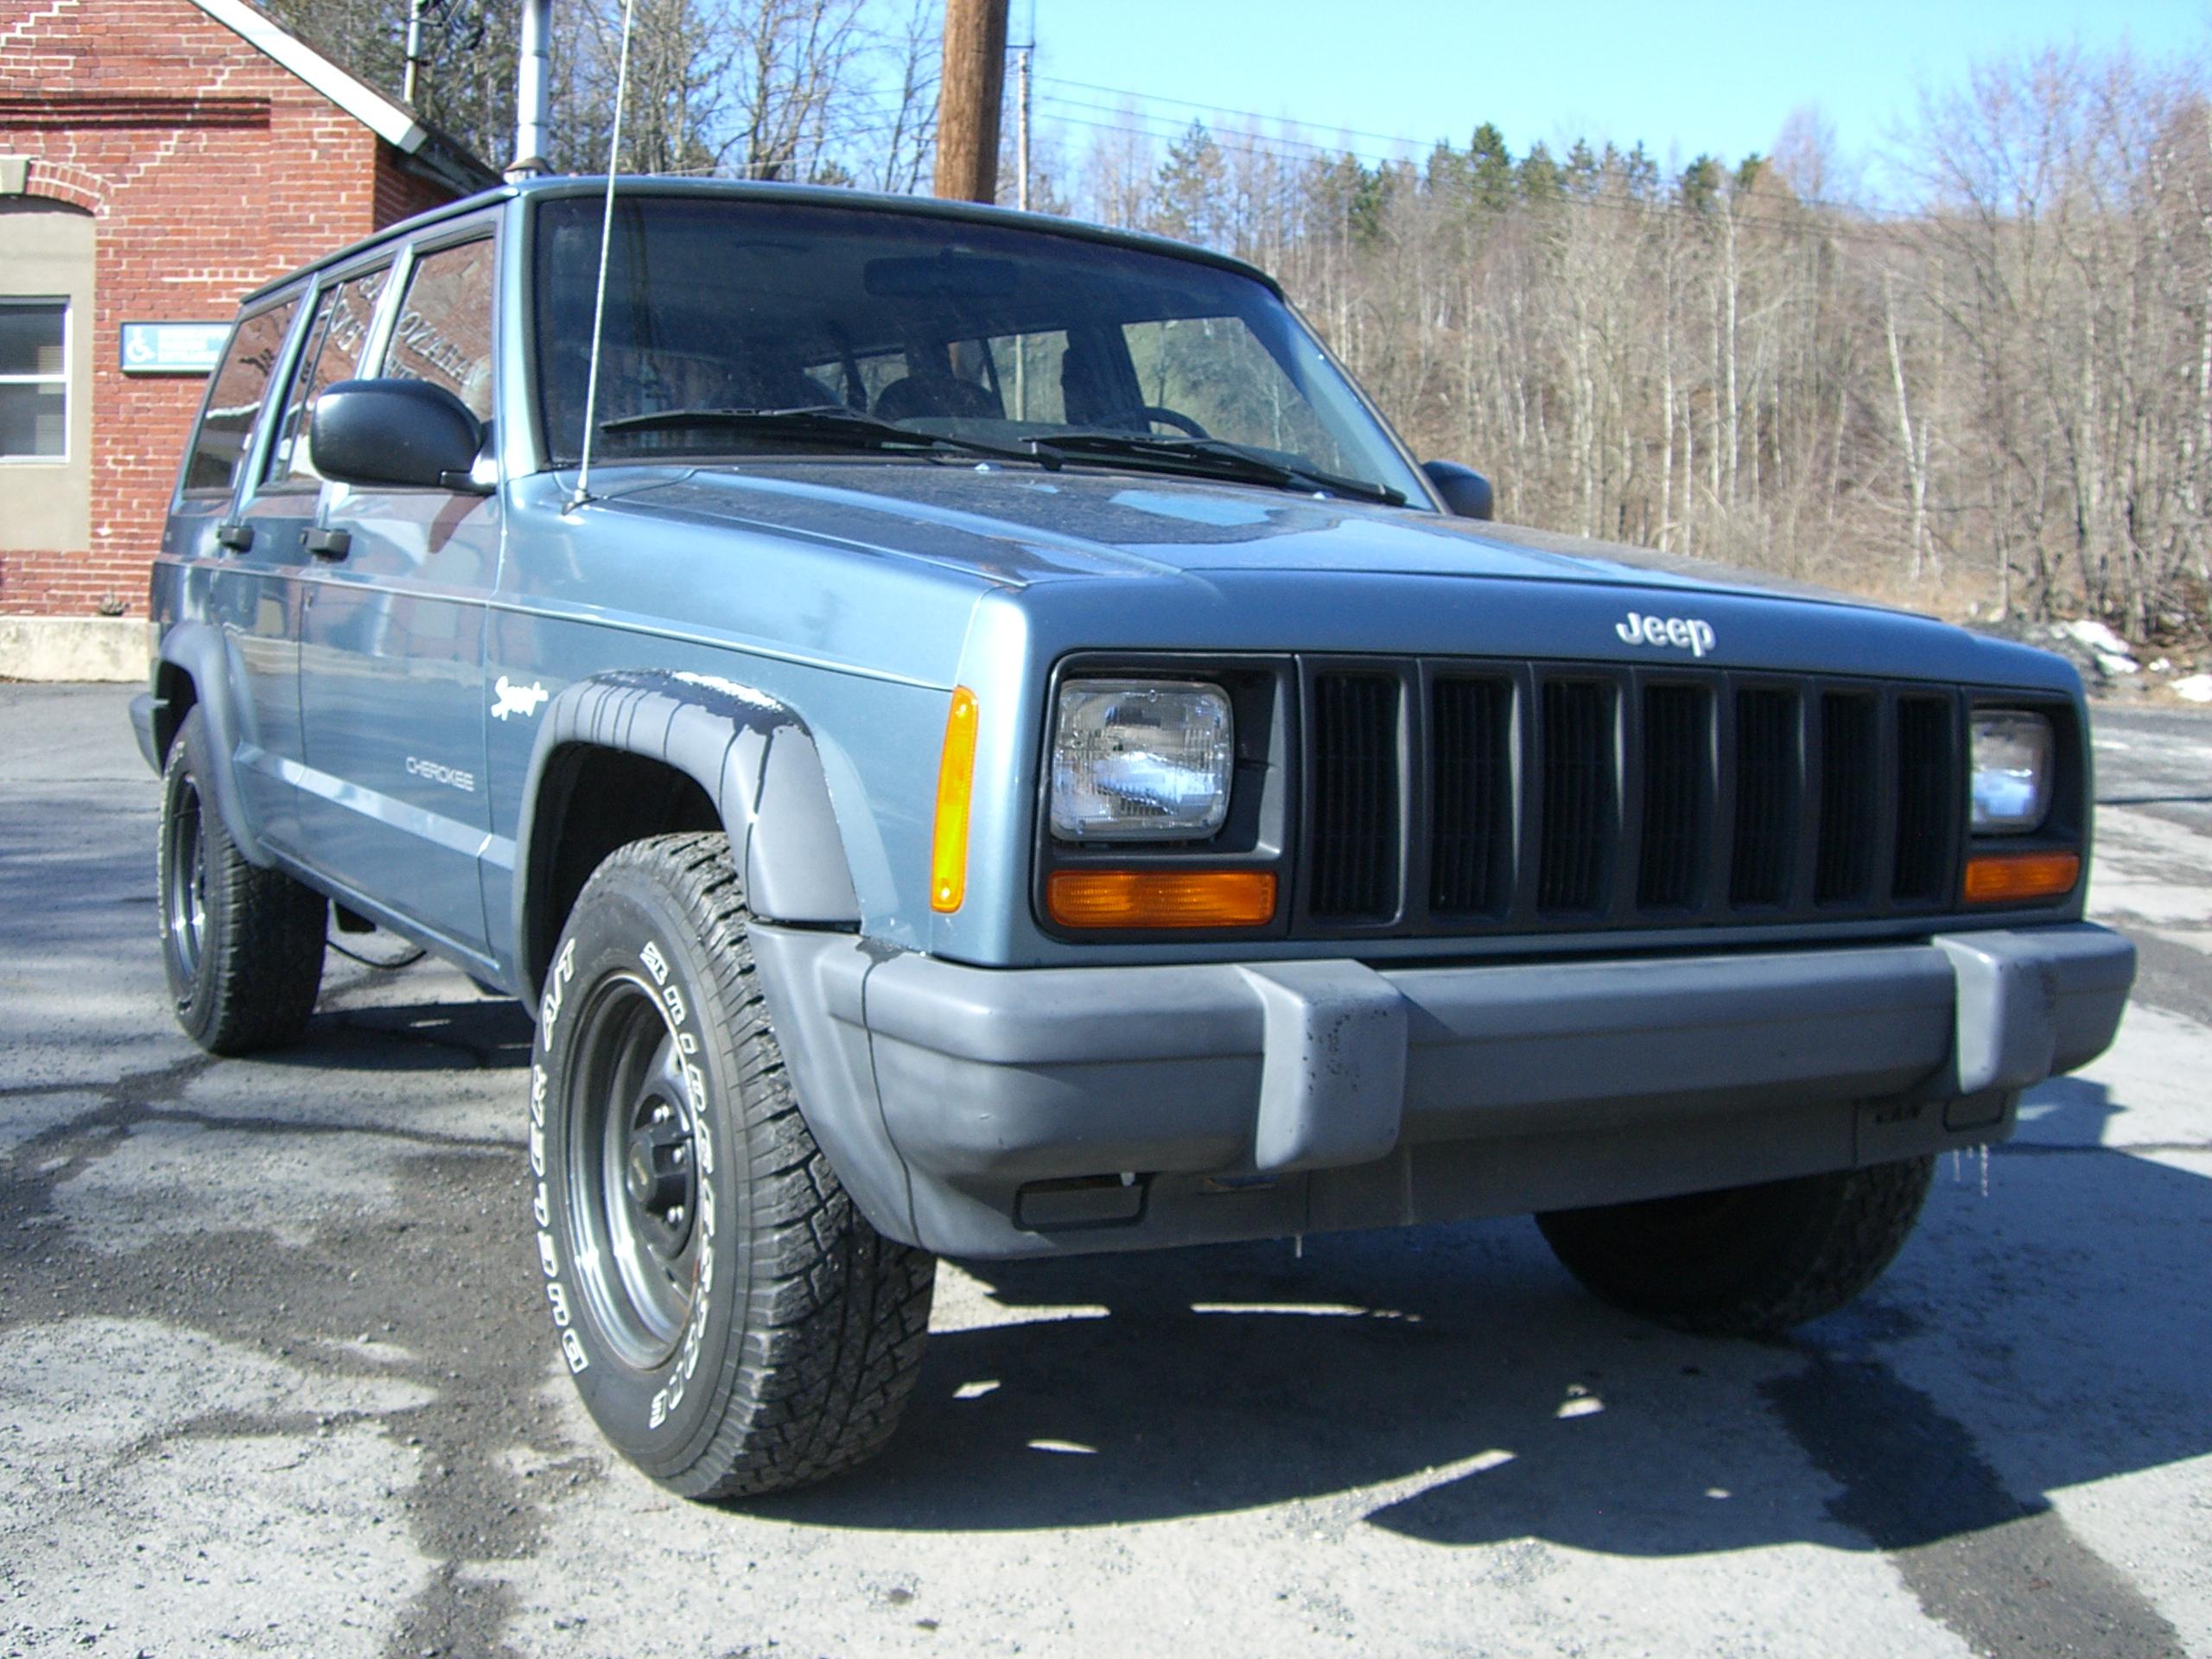 1998 jeep cherokee 5 jeep cherokee 5